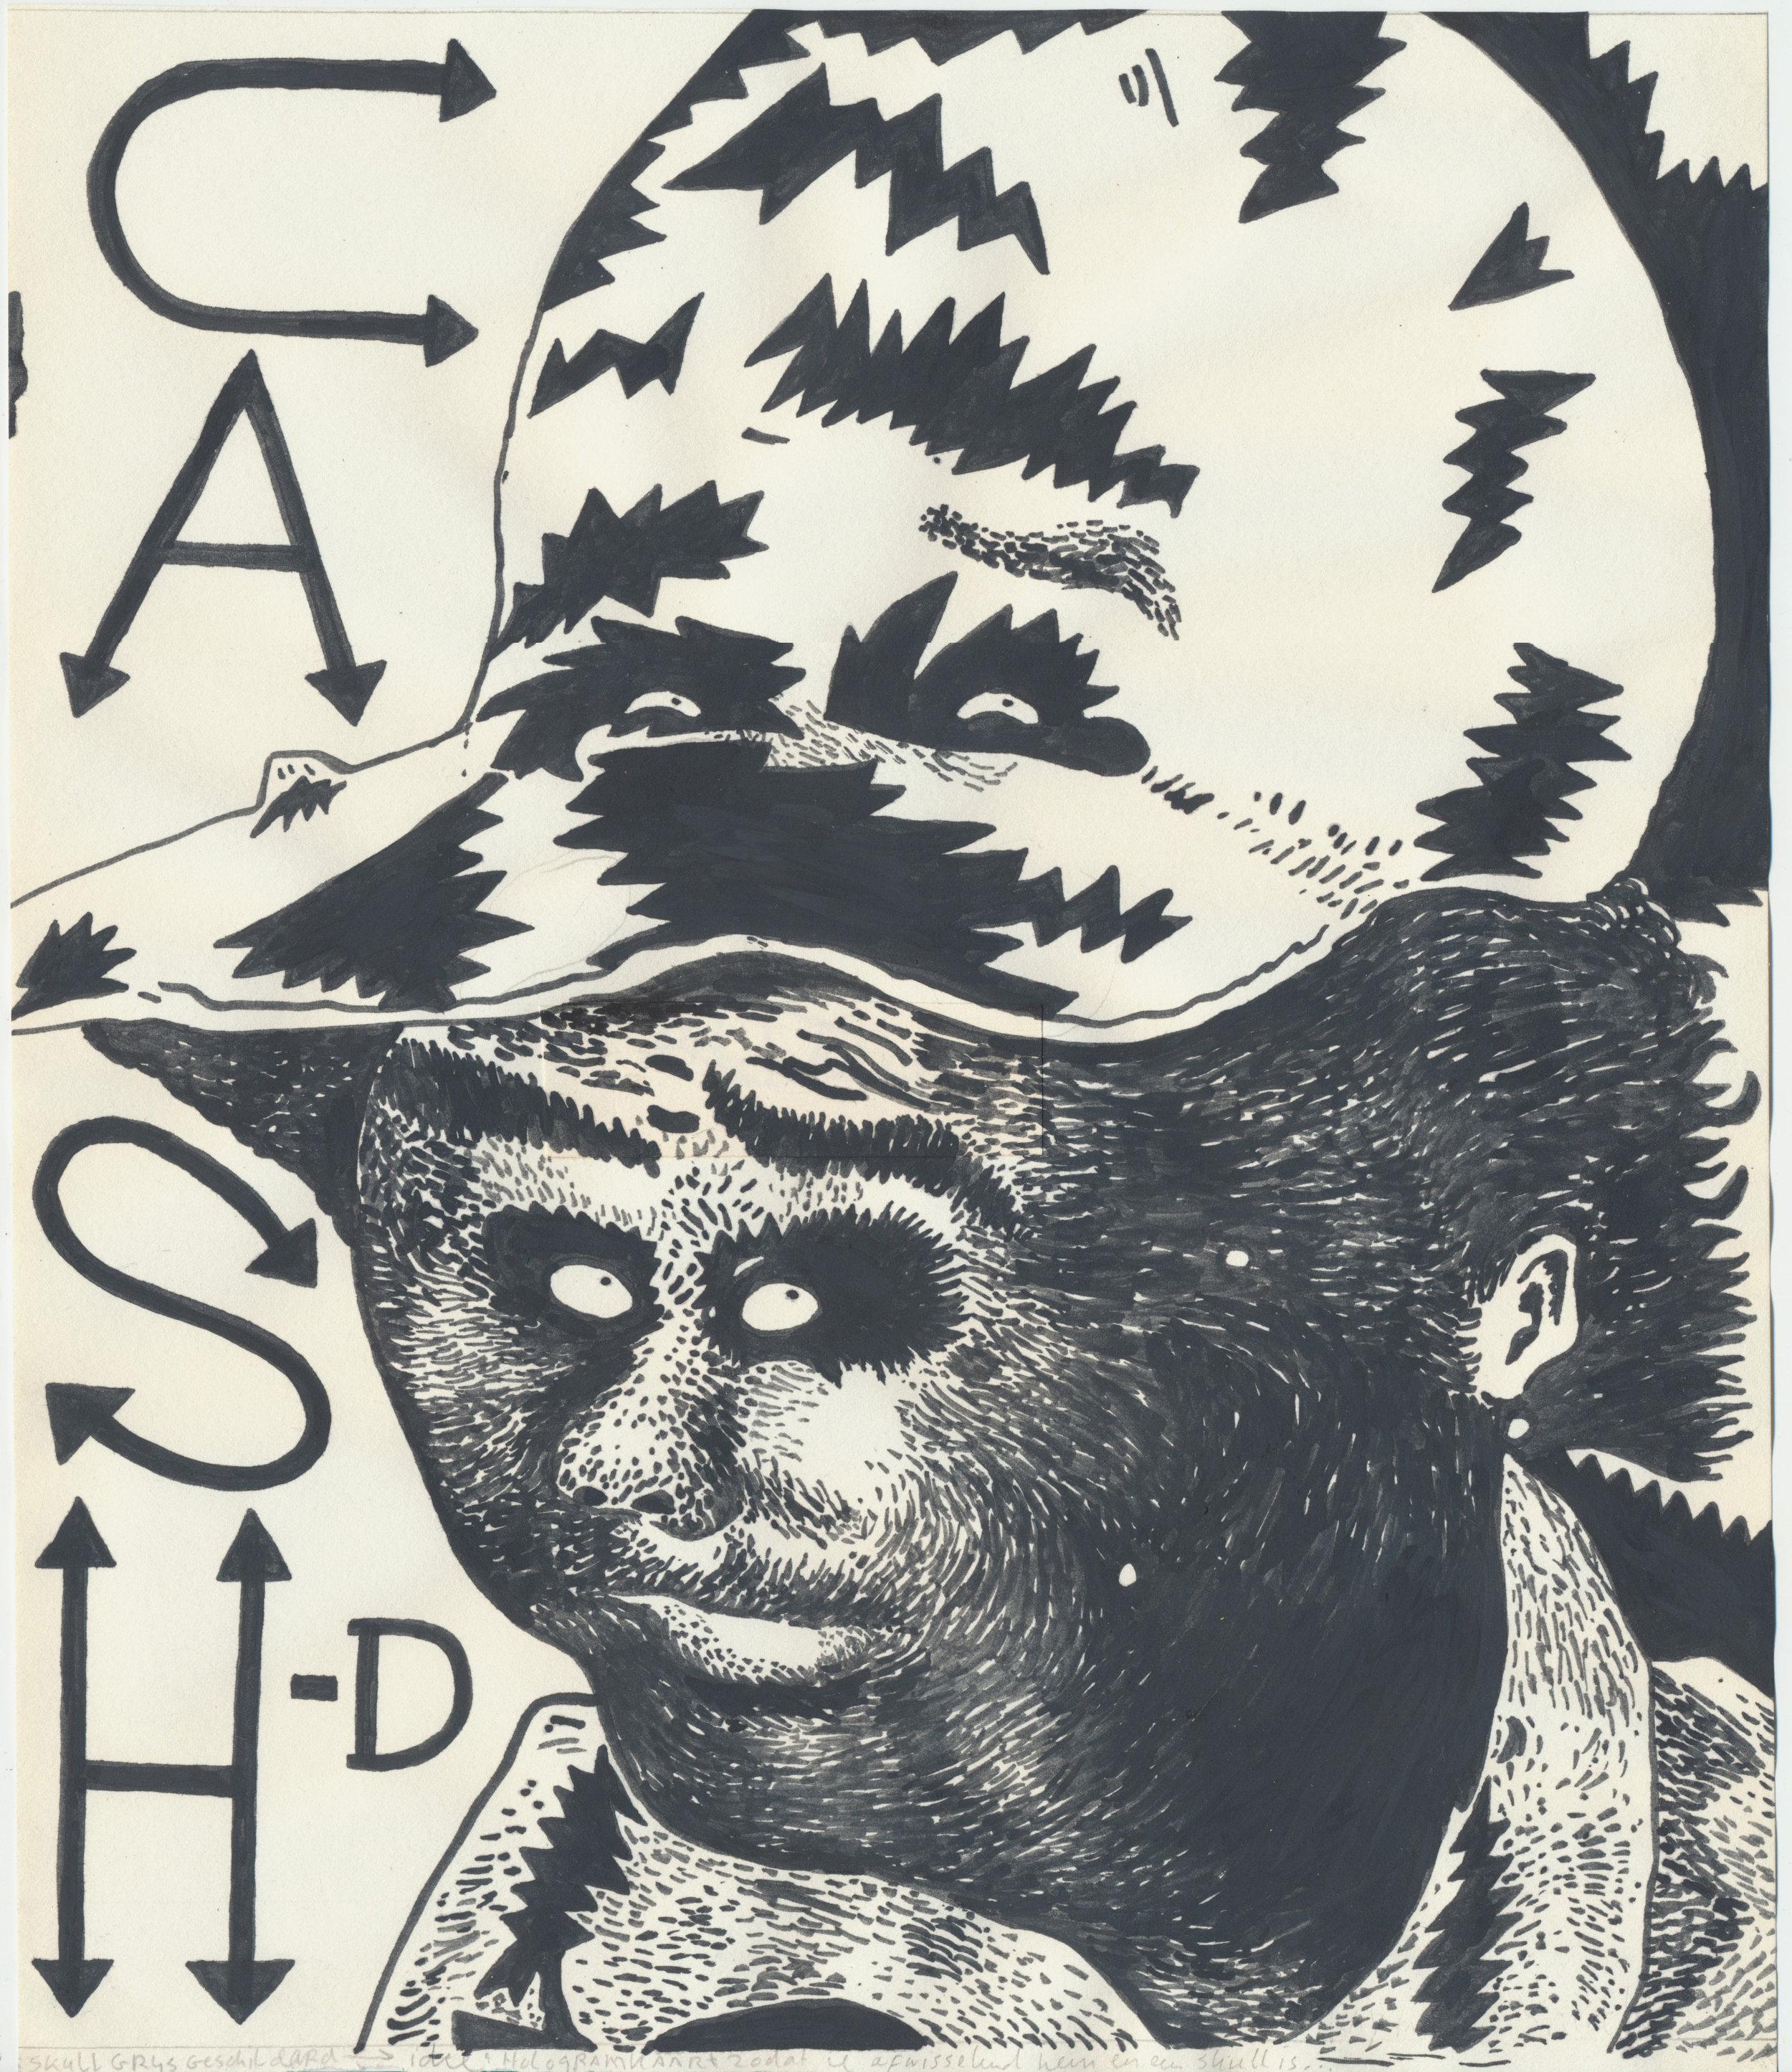 CASHD.jpg